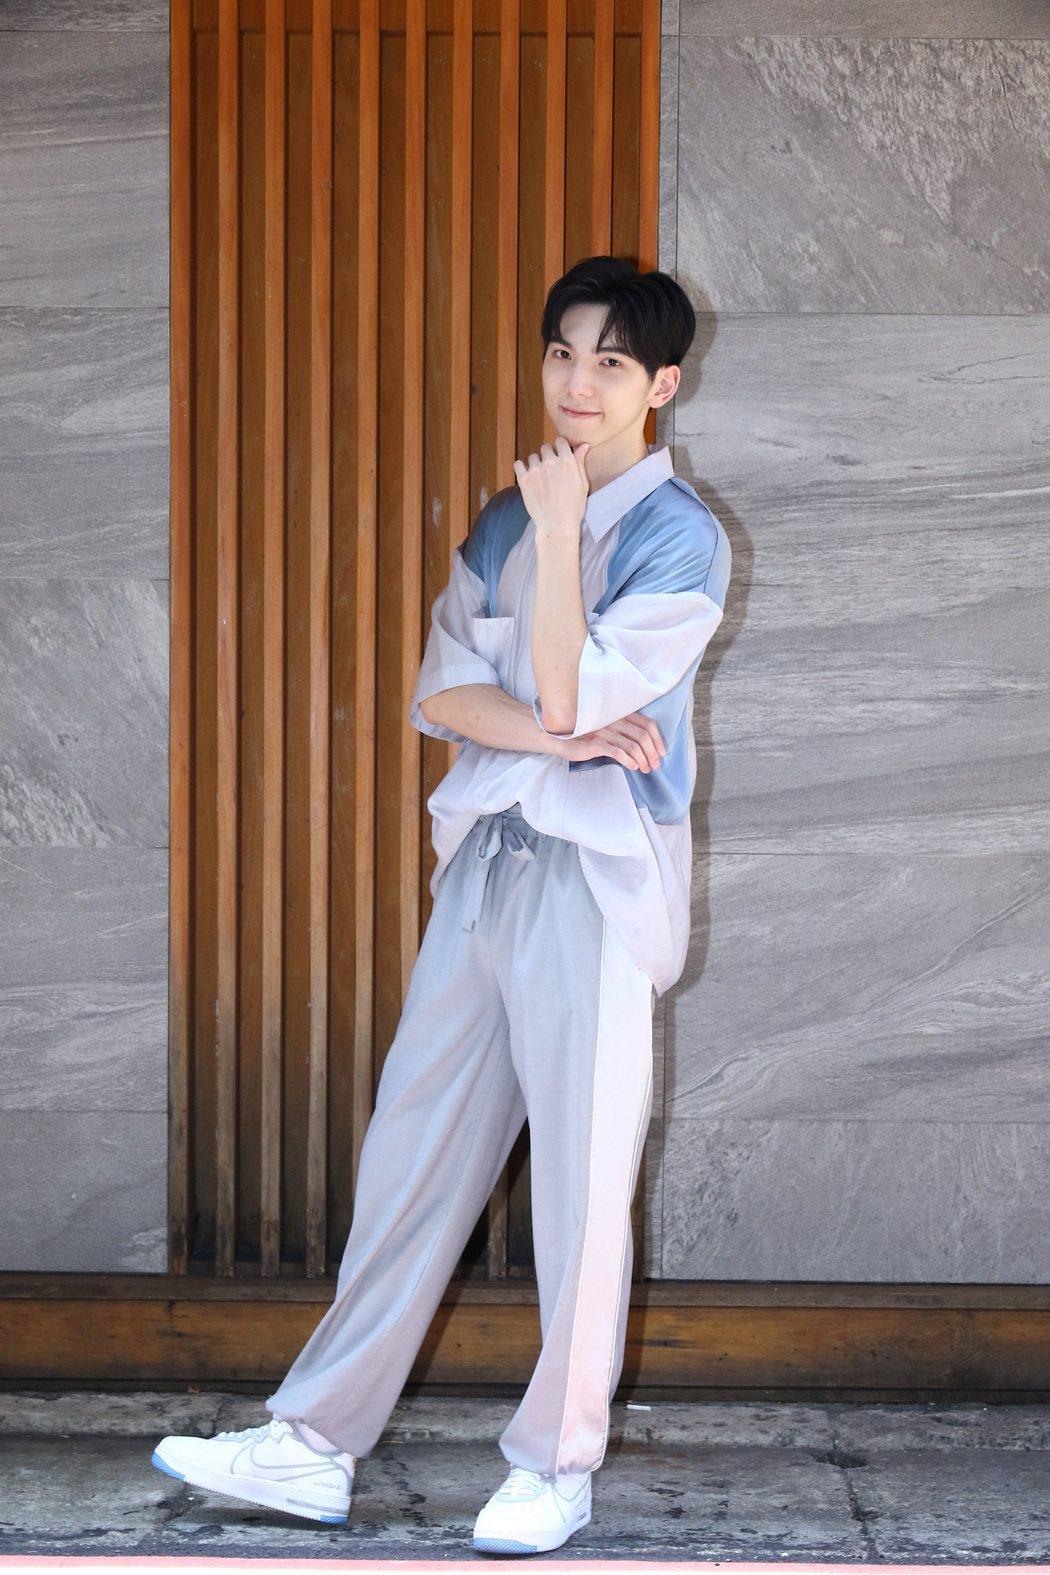 紀殷澤在「媽!我阿榮啦」表現亮眼,將角逐報名金馬獎最佳新人。圖/水晶銀幕娛樂提供